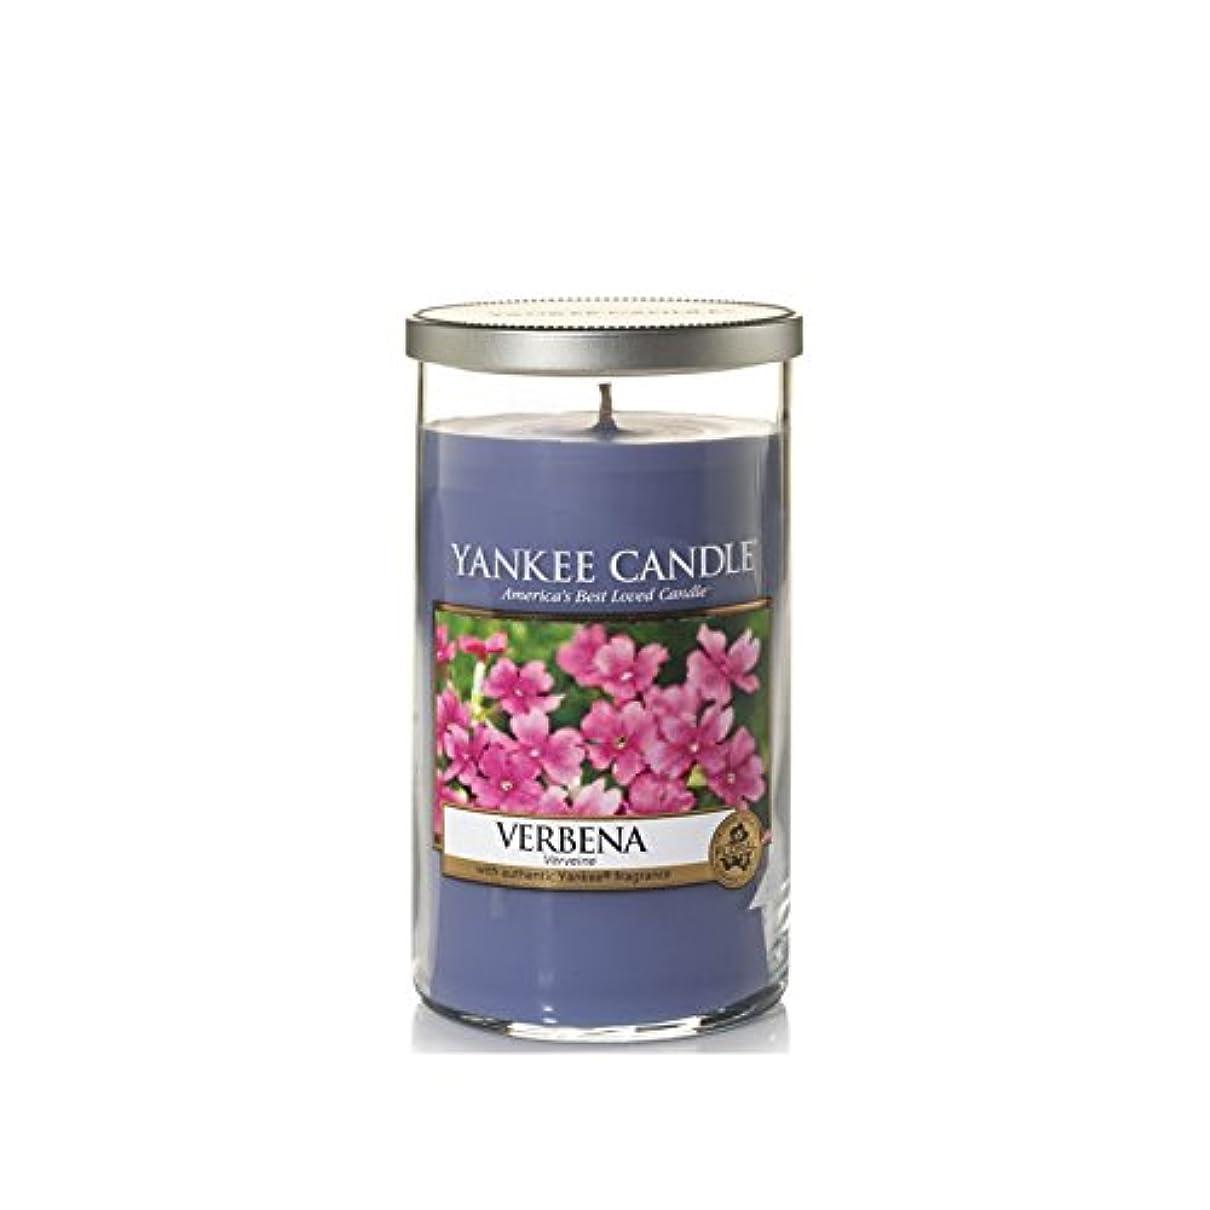 キルス仮称ユーザーYankee Candles Medium Pillar Candle - Verbena (Pack of 6) - ヤンキーキャンドルメディアピラーキャンドル - バーベナ (x6) [並行輸入品]